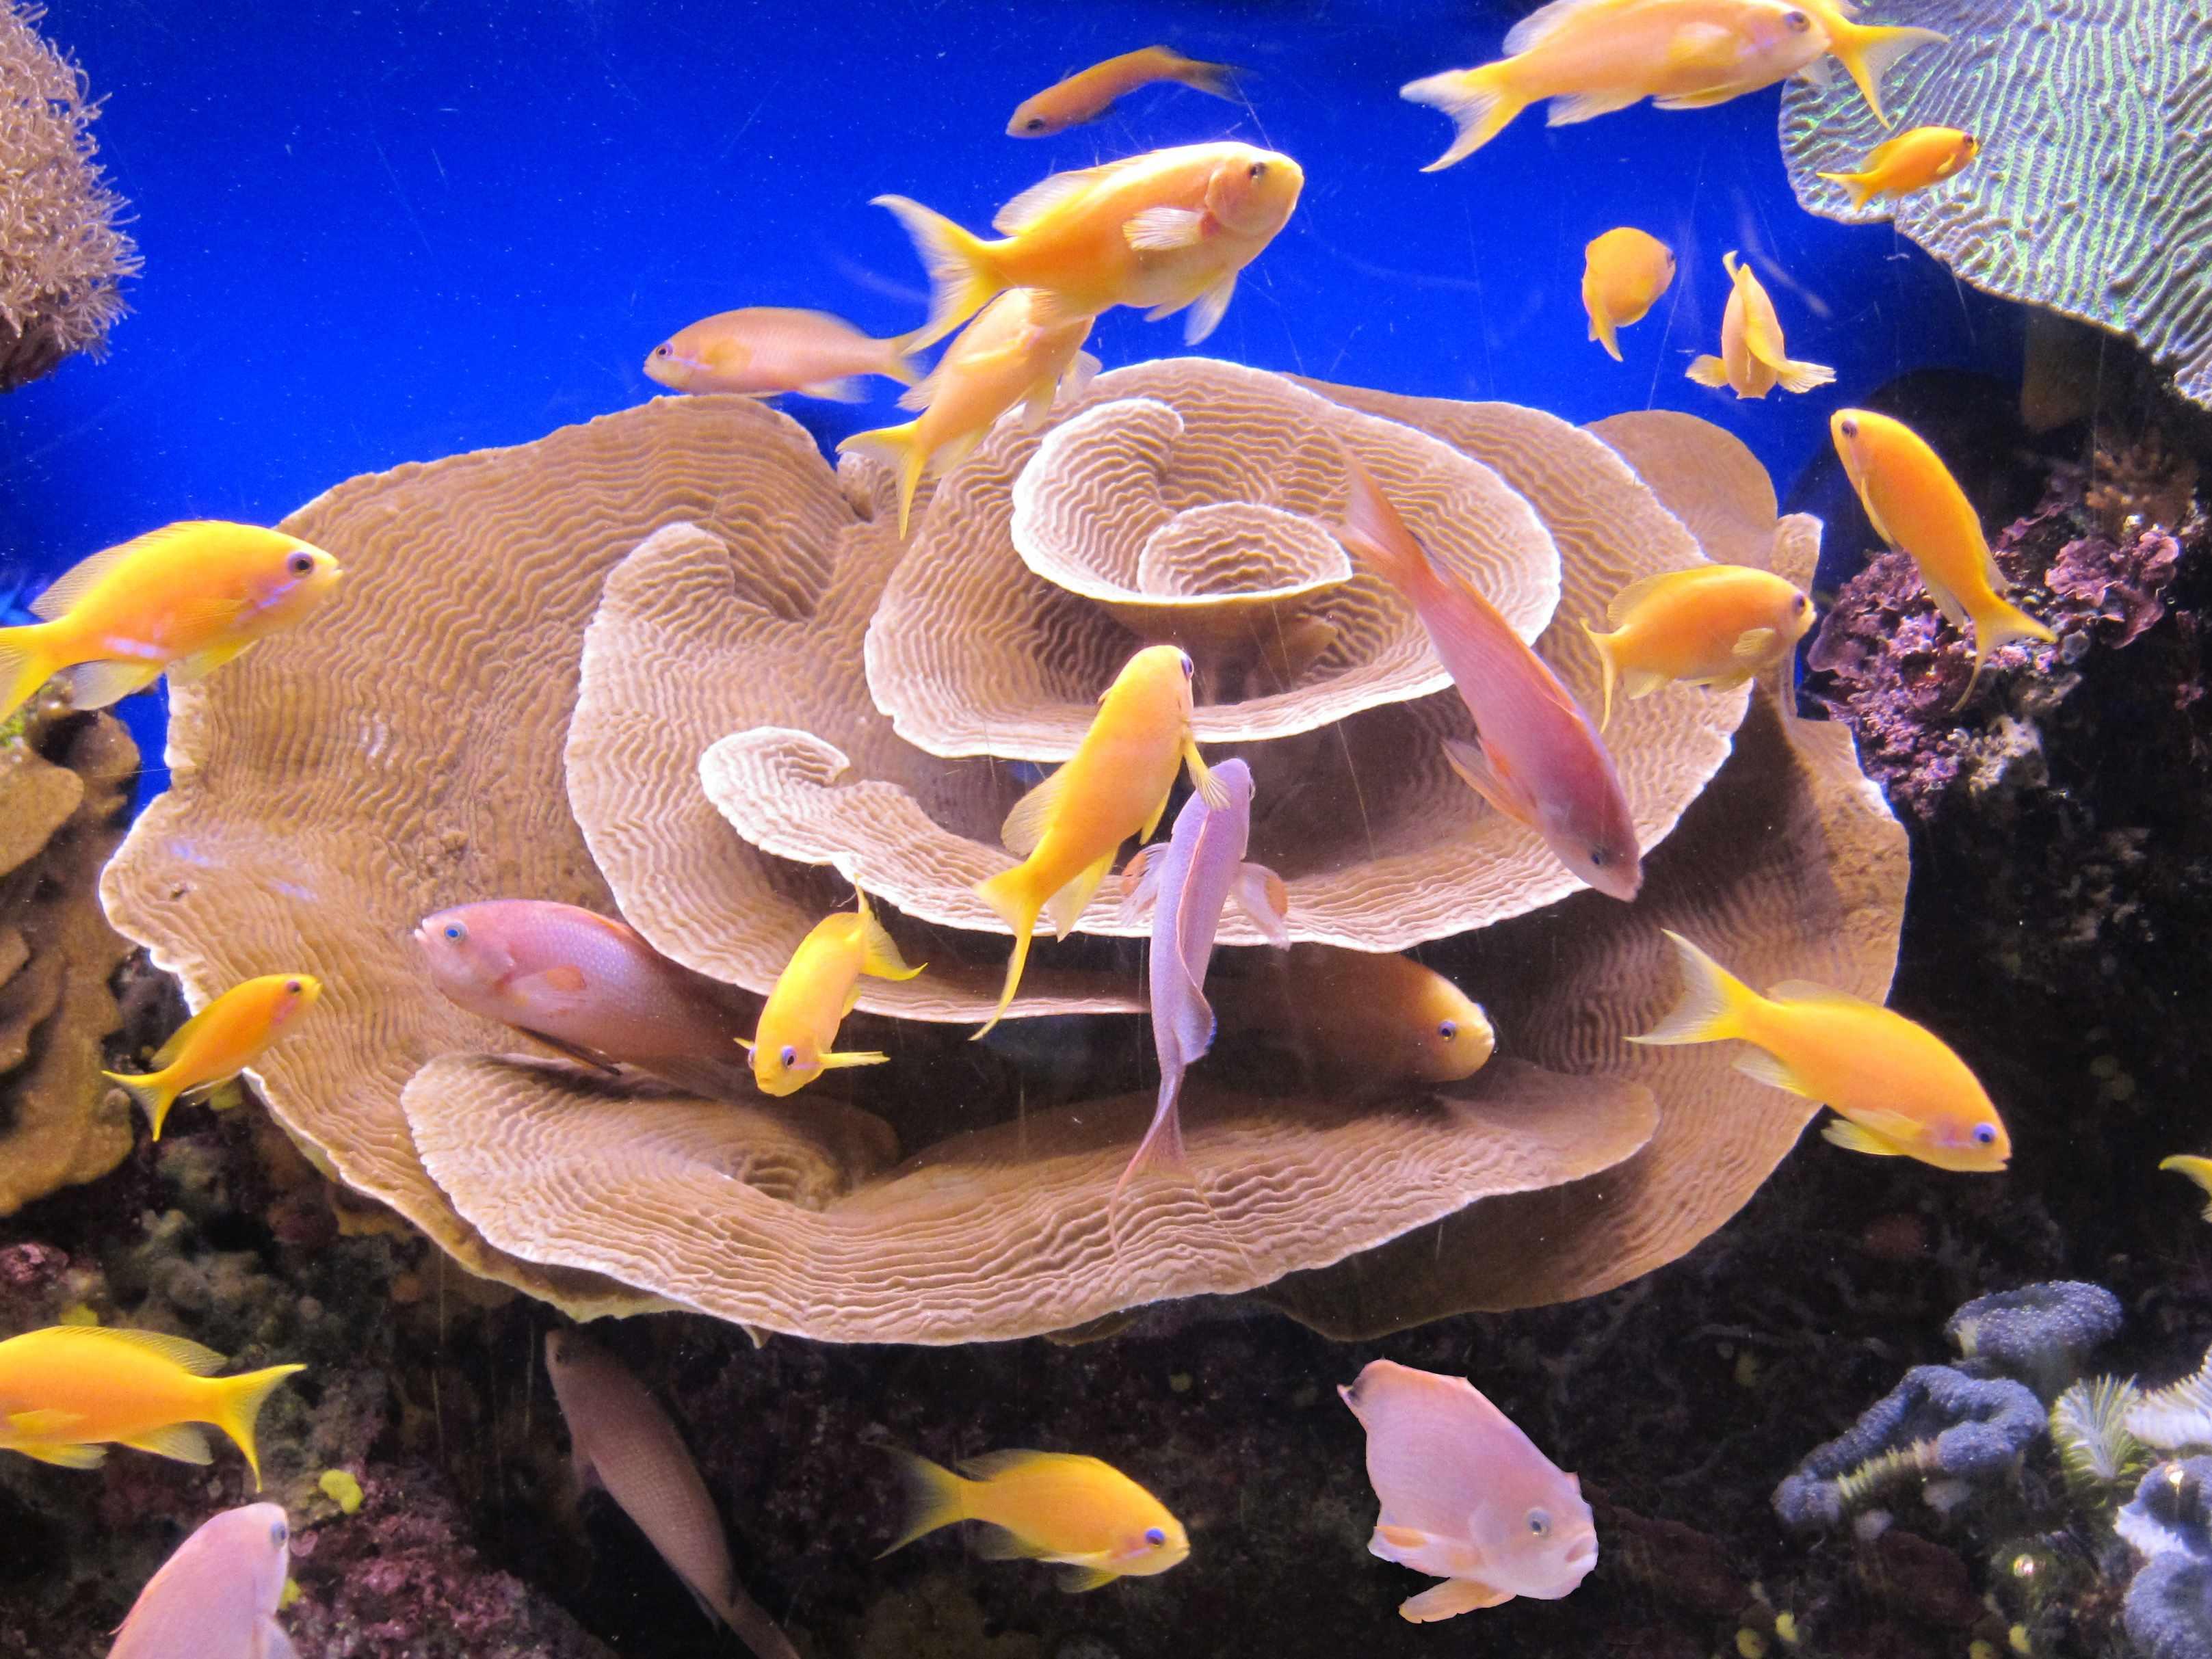 Кораллы. Блиц: камни